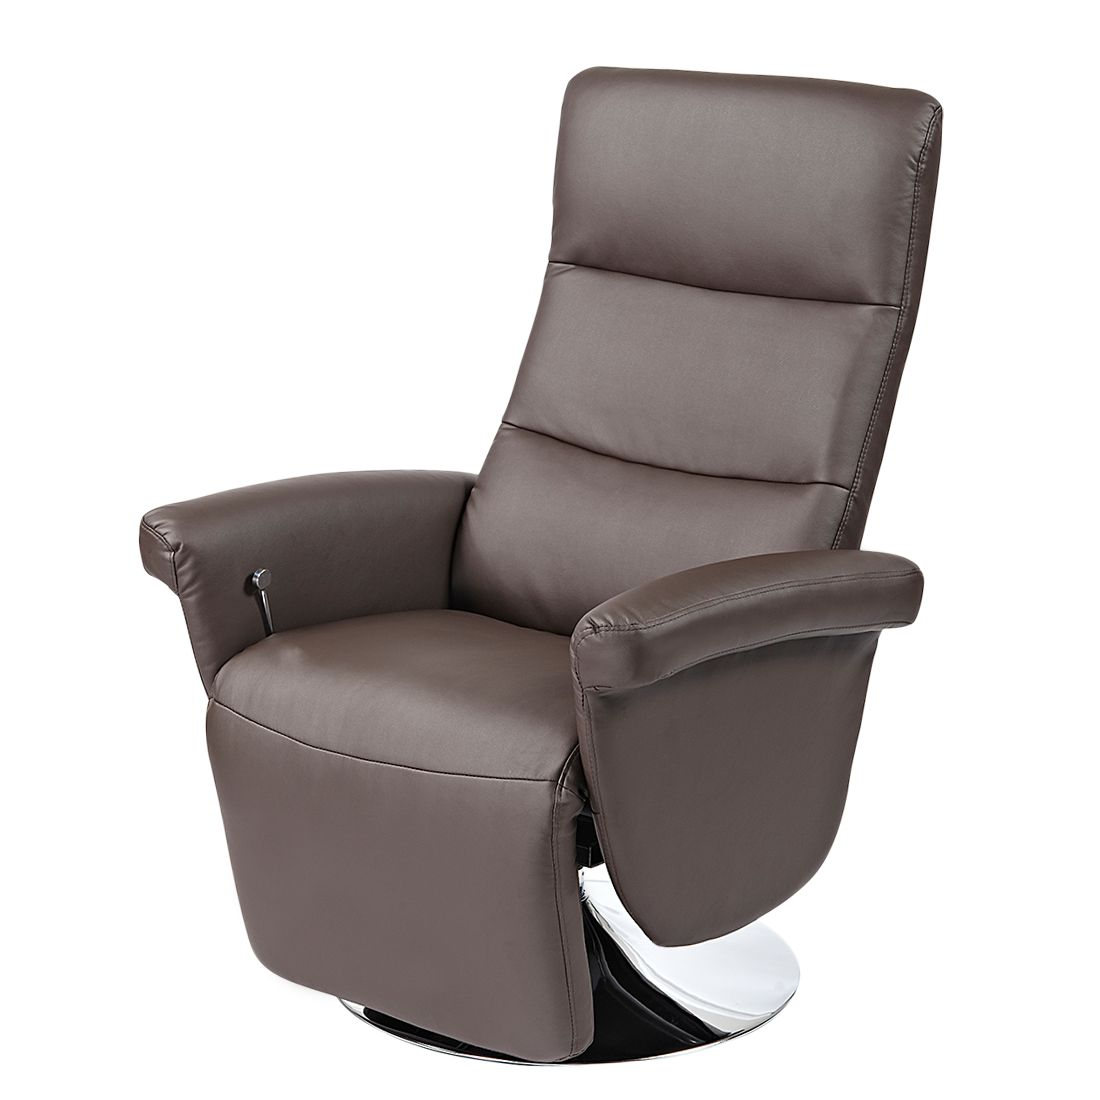 relaxsessel giorno kunstleder braun nuovoform g nstig. Black Bedroom Furniture Sets. Home Design Ideas